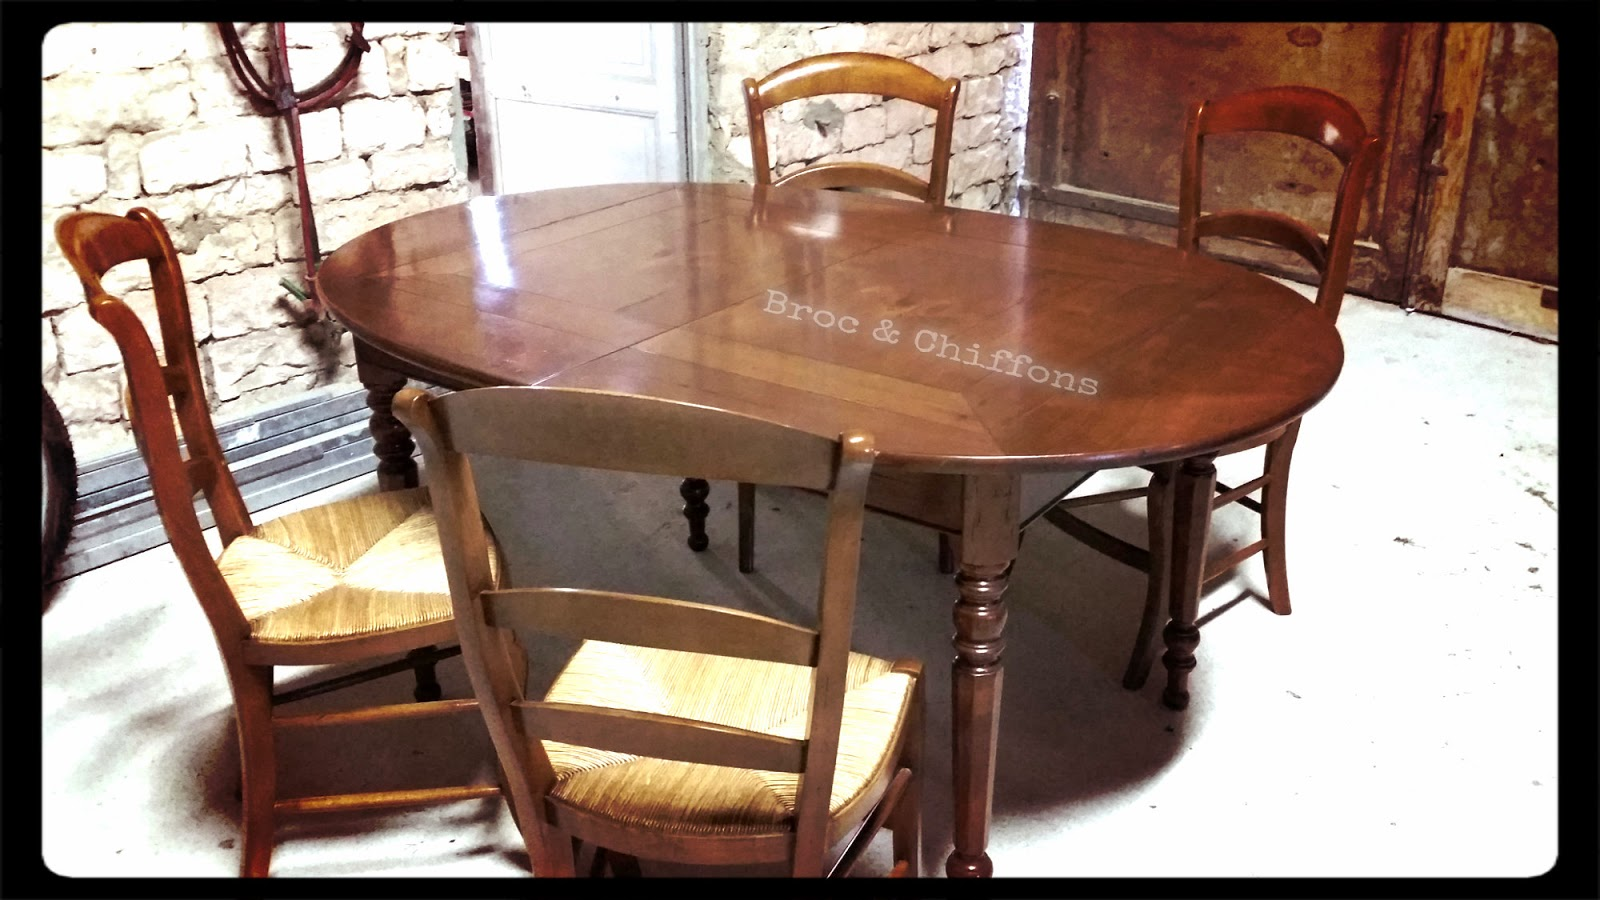 Broc et chiffons relooking de meubles dans les deux s vres - Patine a l ancienne meubles ...